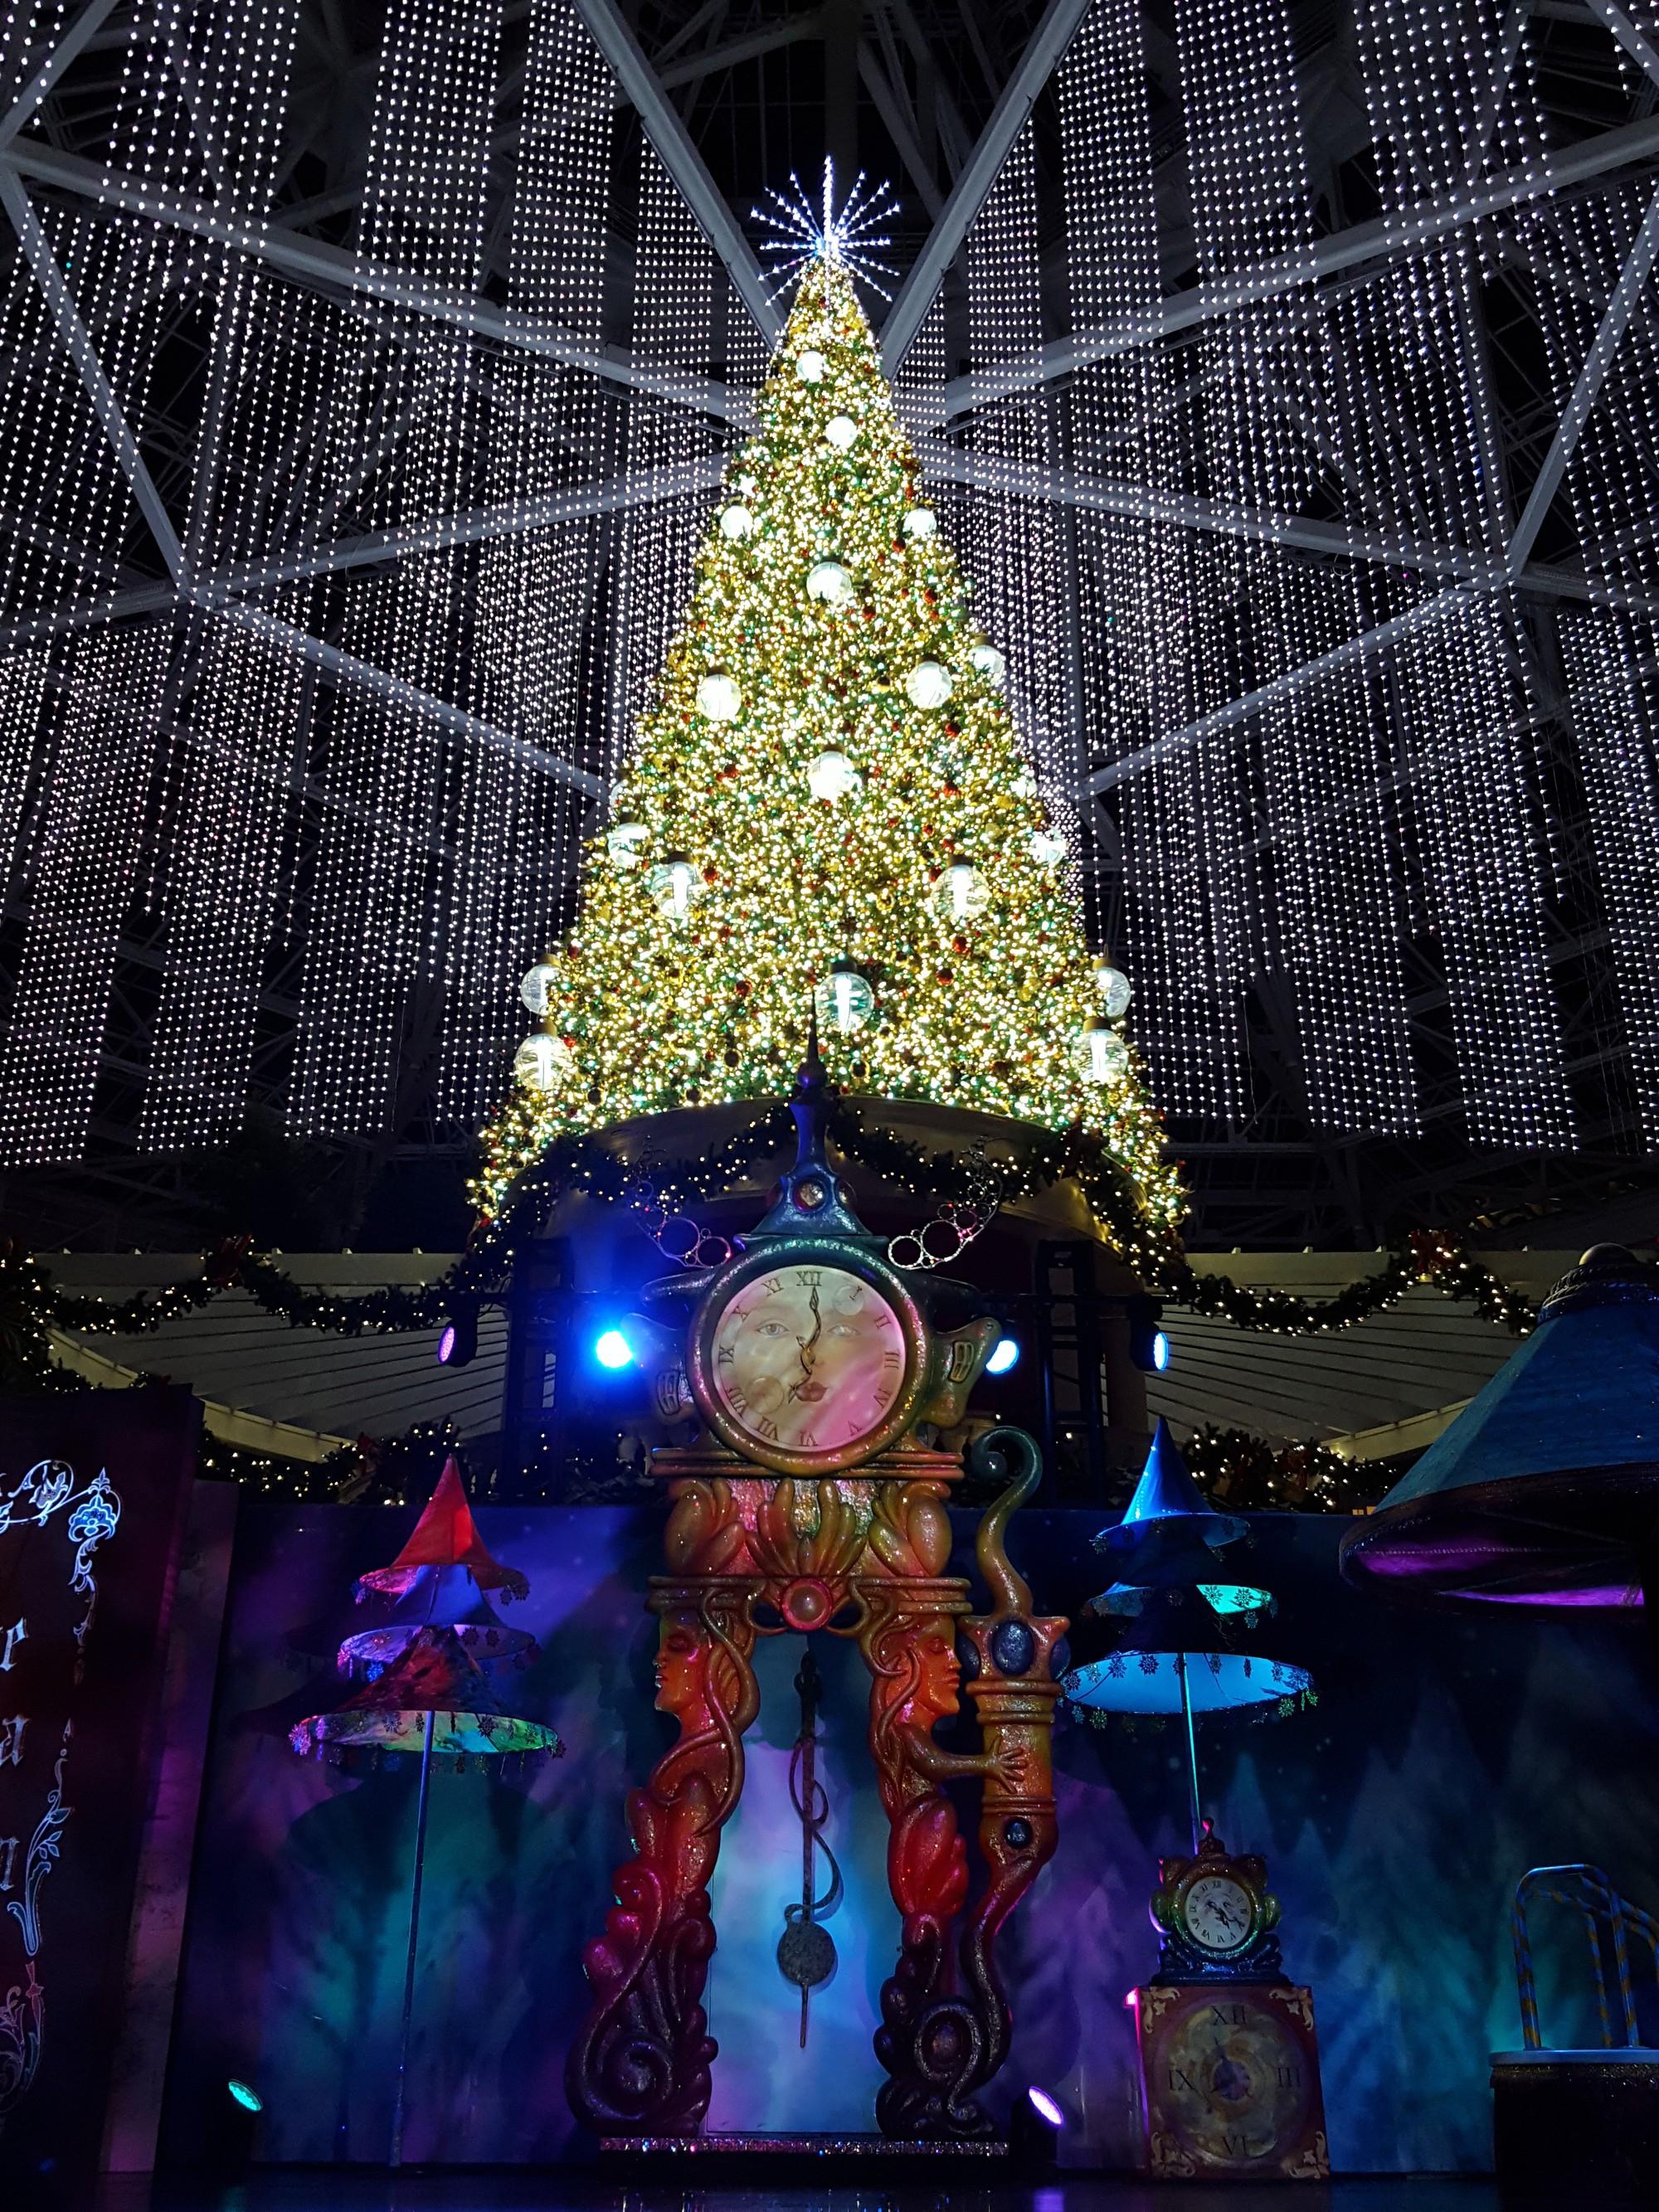 Khung cảnh đón Giáng sinh sớm ở nhiều nơi trên khắp thế giới: Lộng lẫy, nguy nga và ấm áp - Ảnh 6.